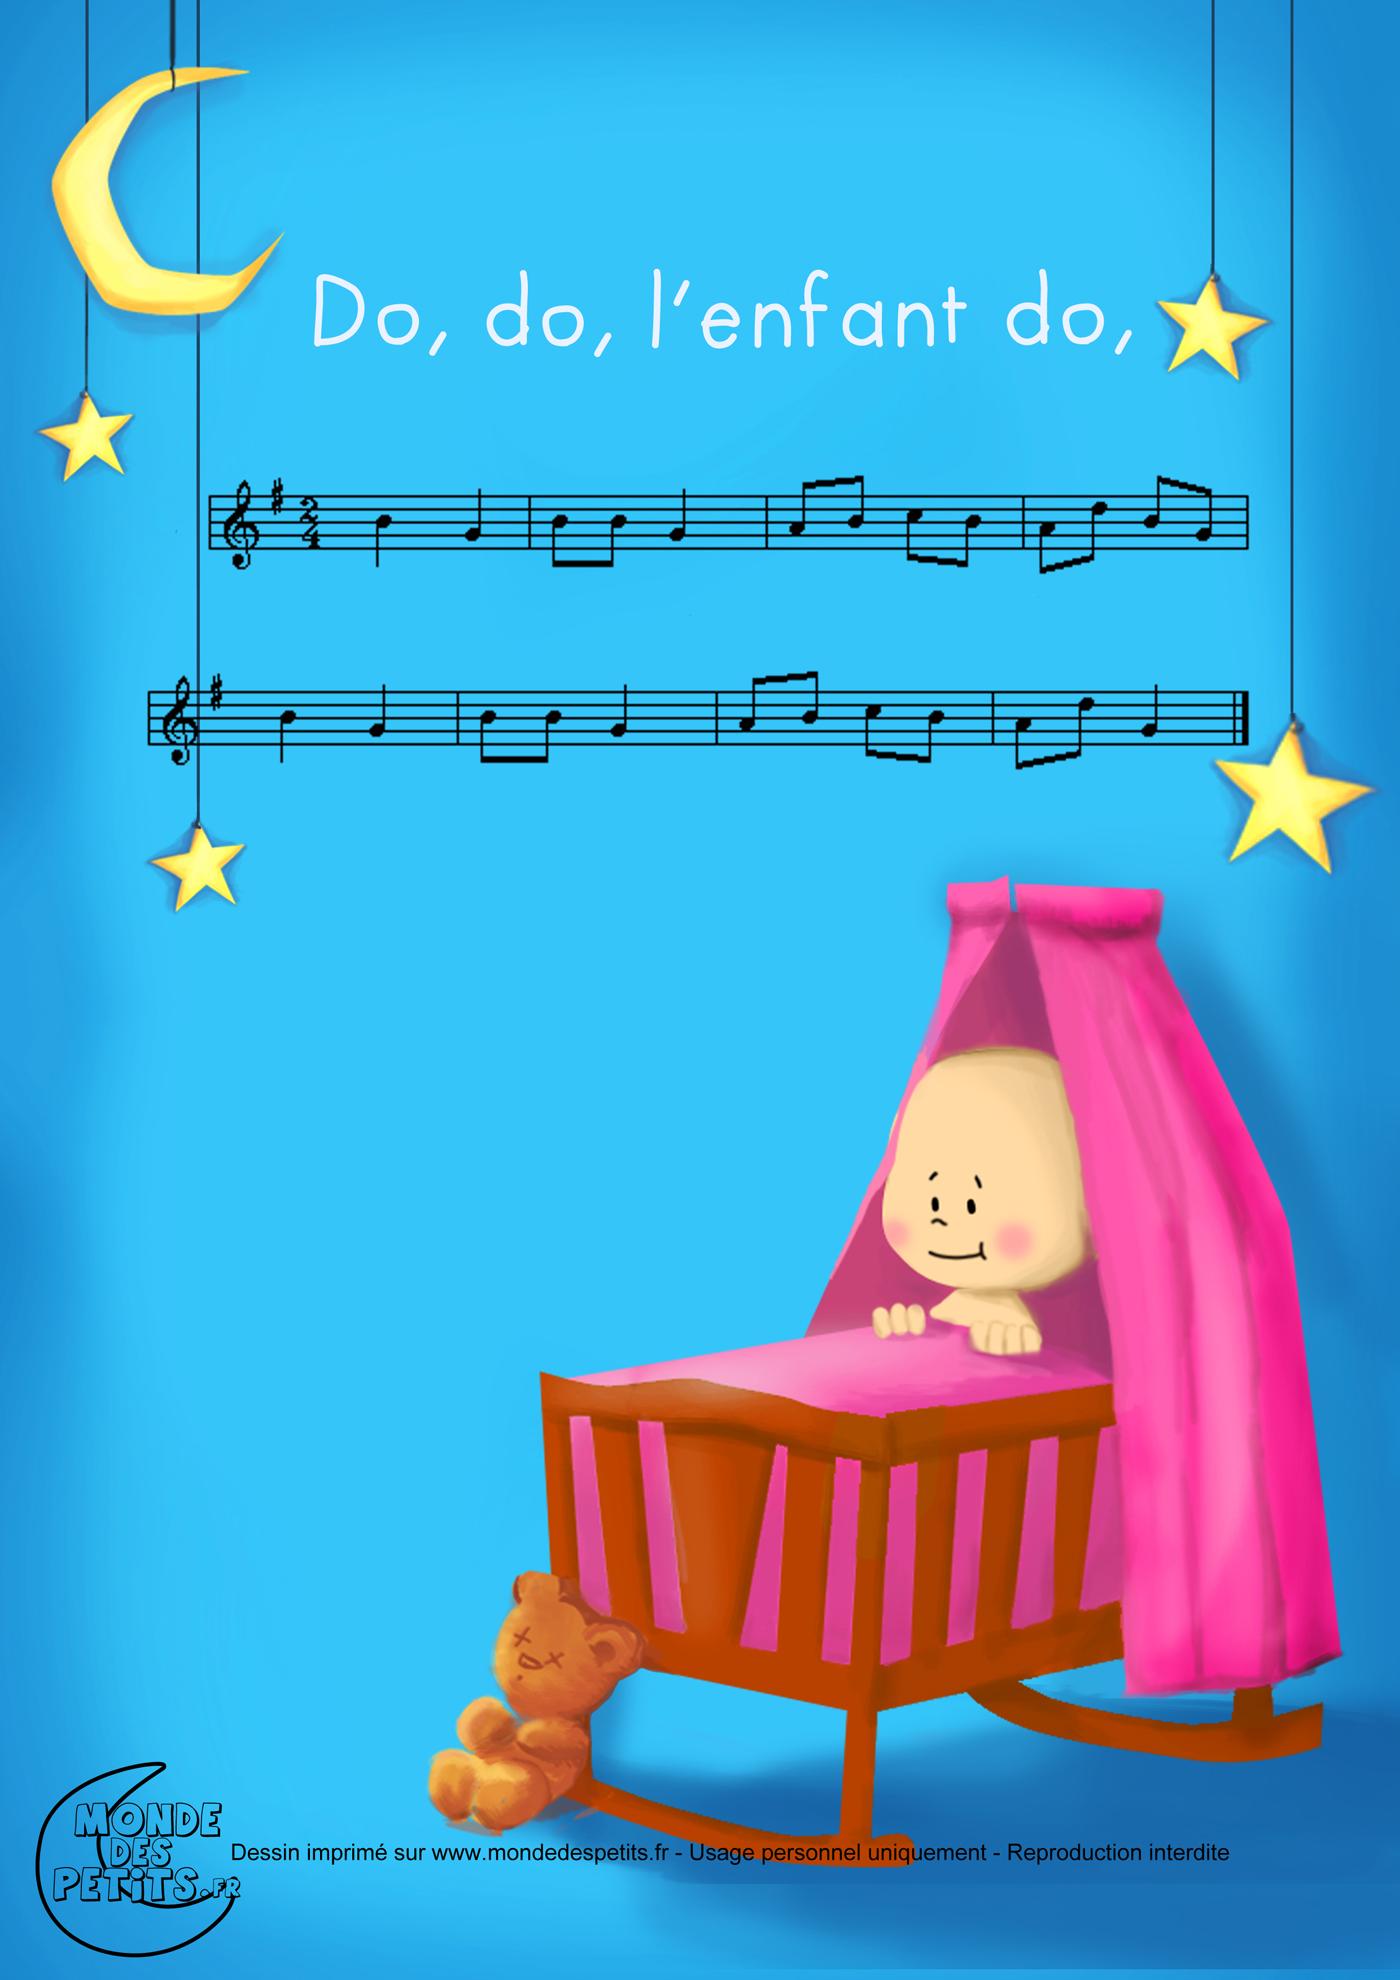 comptine, chanson, enfant, parole, do, dodo, berceuse, bebe, partition